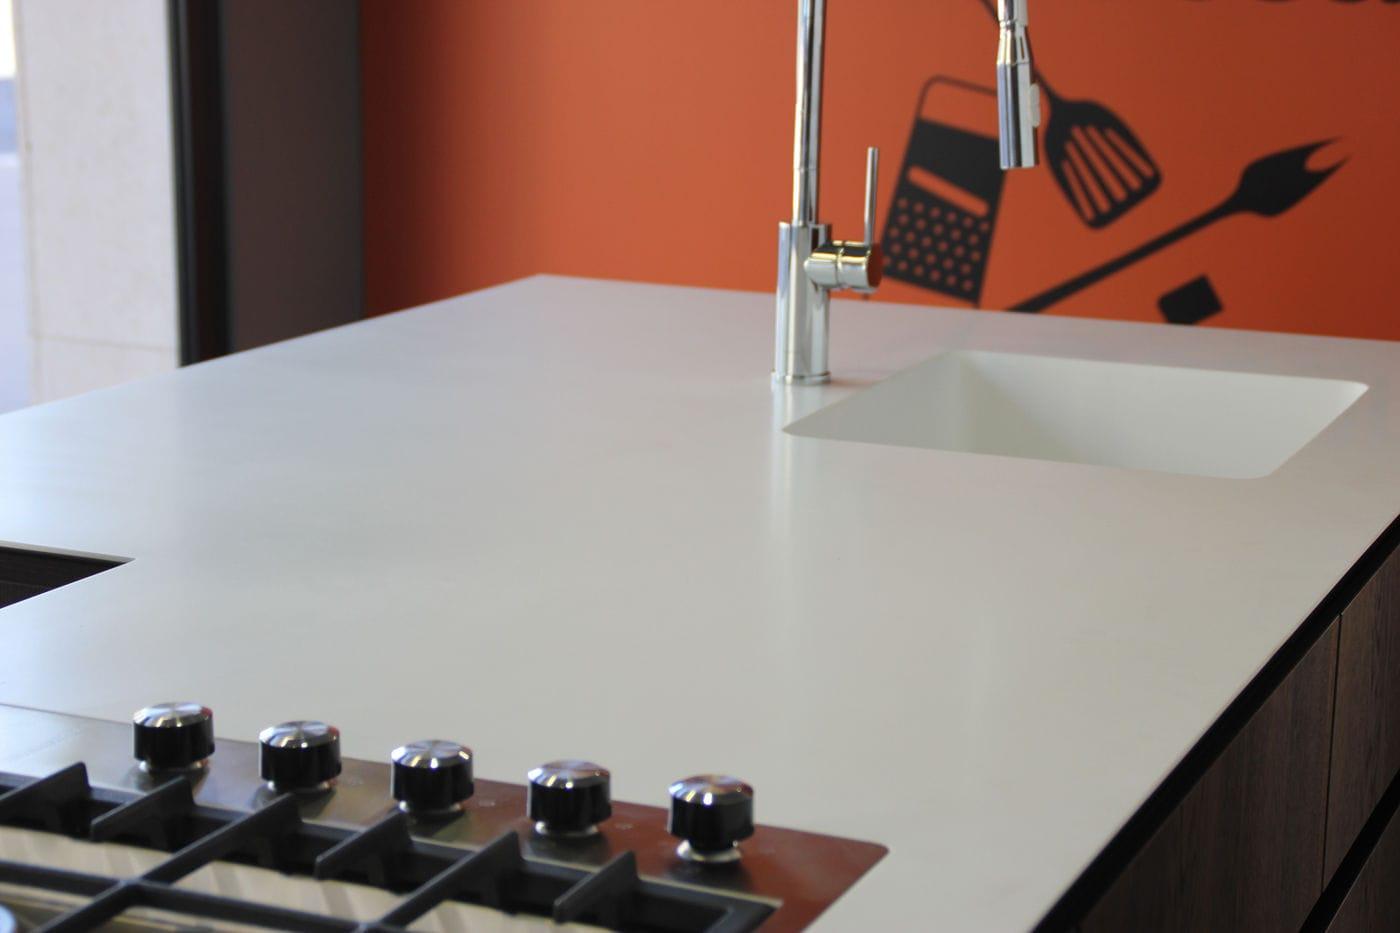 Plan De Travail Avec Jambage plan de travail en solid surface / de cuisine - 3 - v-korr